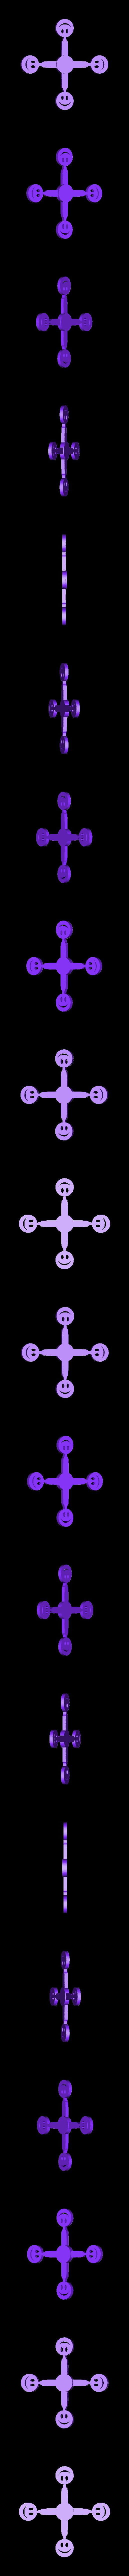 NEMA_Extruder_rotation_indicator_smiley.stl Télécharger fichier STL gratuit Indicateur de rotation du moteur NEMA (extrudeuse) (Prusa MK2(S)/MK2.5/MK3/MMMU2) • Modèle à imprimer en 3D, petclaud